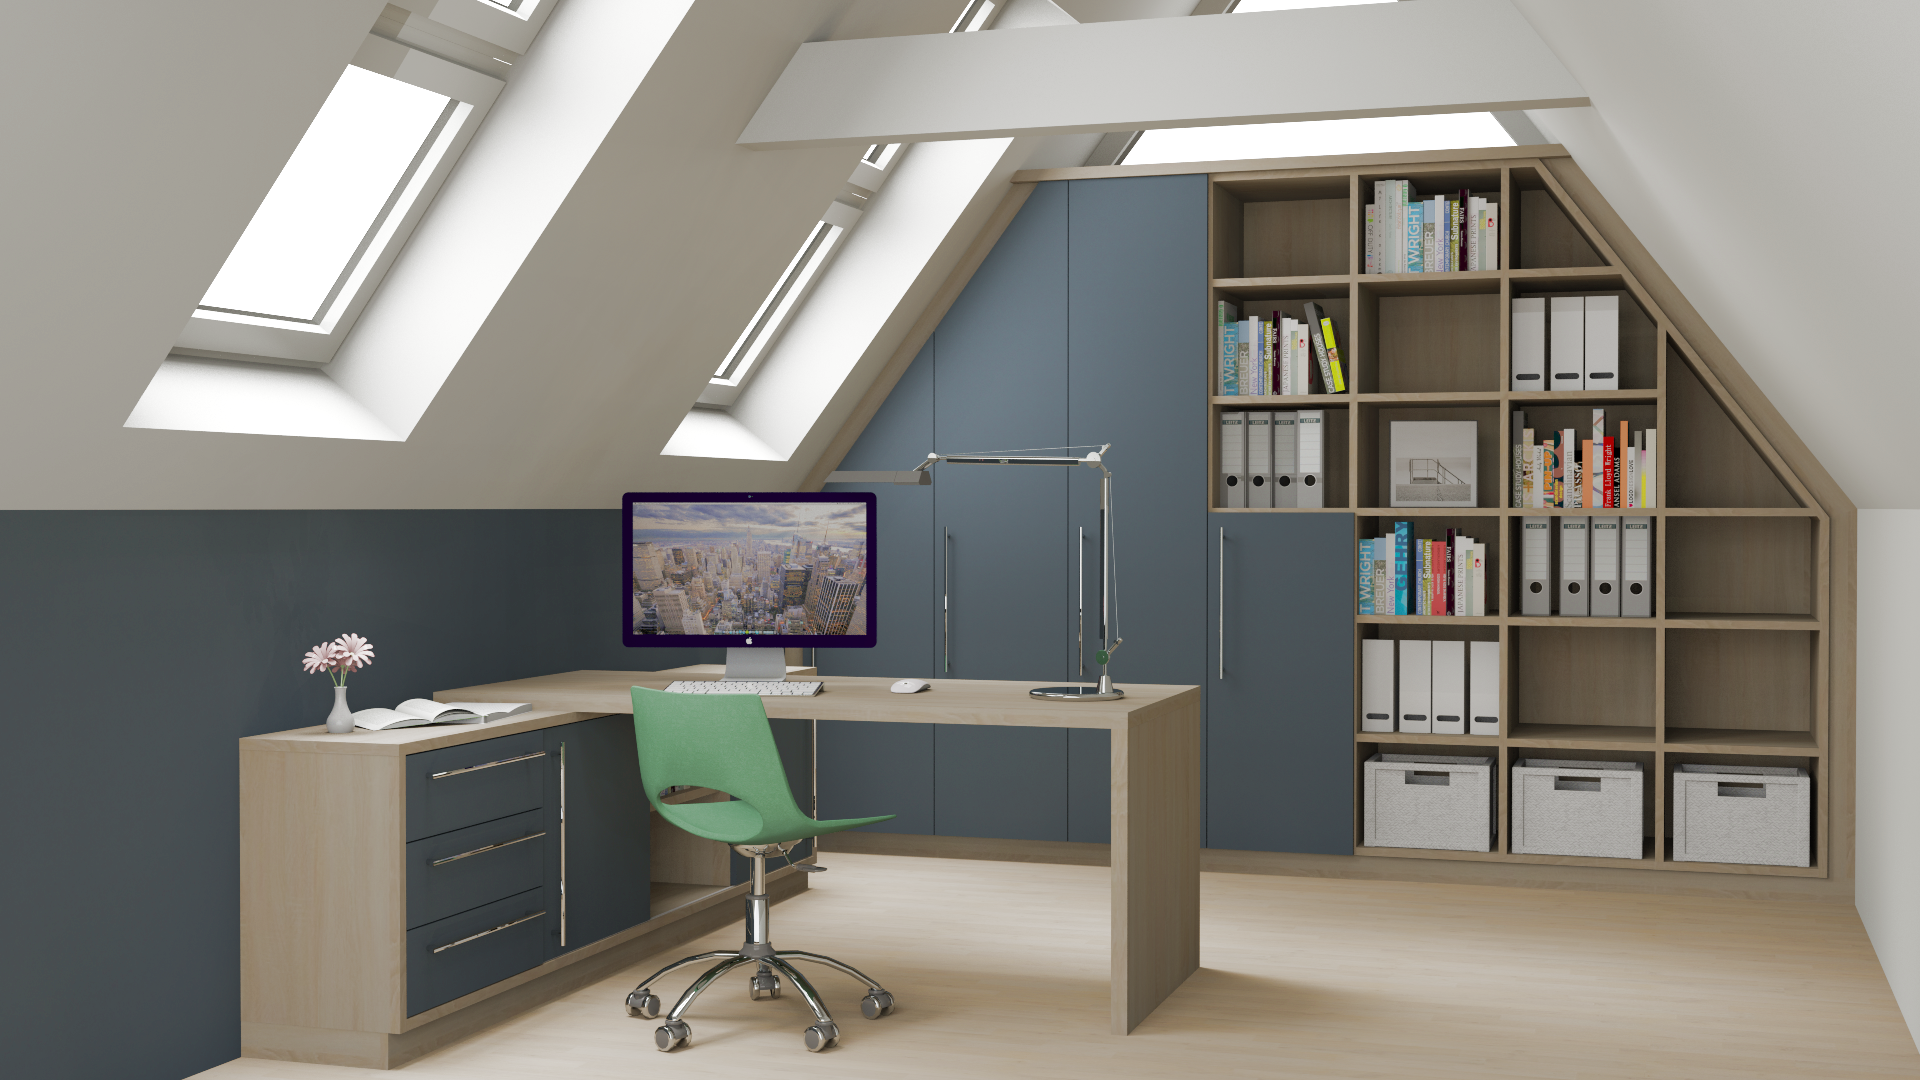 Arbeitszimmer design  Arbeitszimmer / Büro - Wohnwelten | Nordic Design Tischlerei GmbH ...